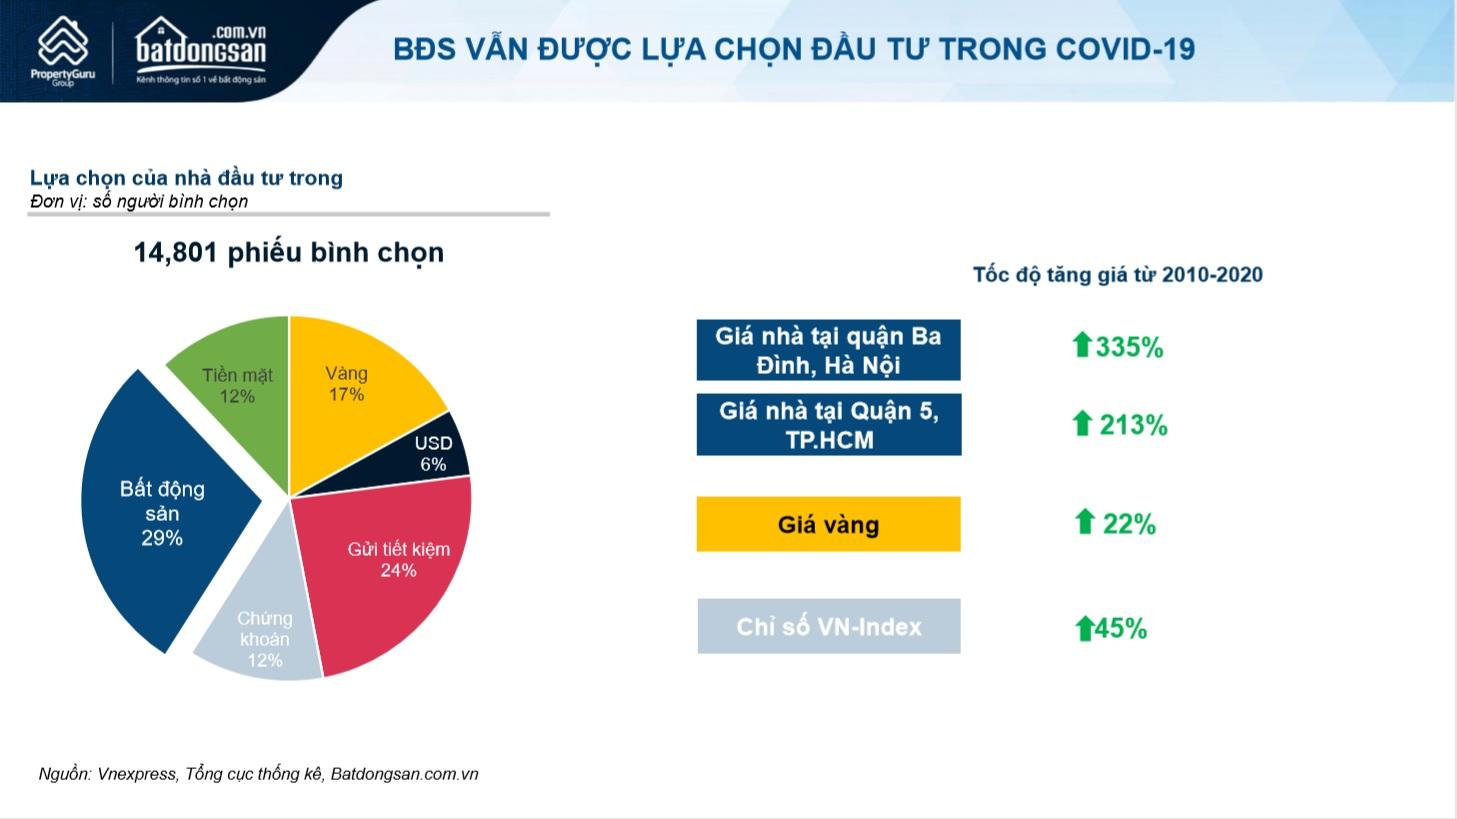 Biểu đồ của Batdongsan.com.vn về lựa chọn các phân khúc đầu tư trong 14.801 phiếu khảo sát